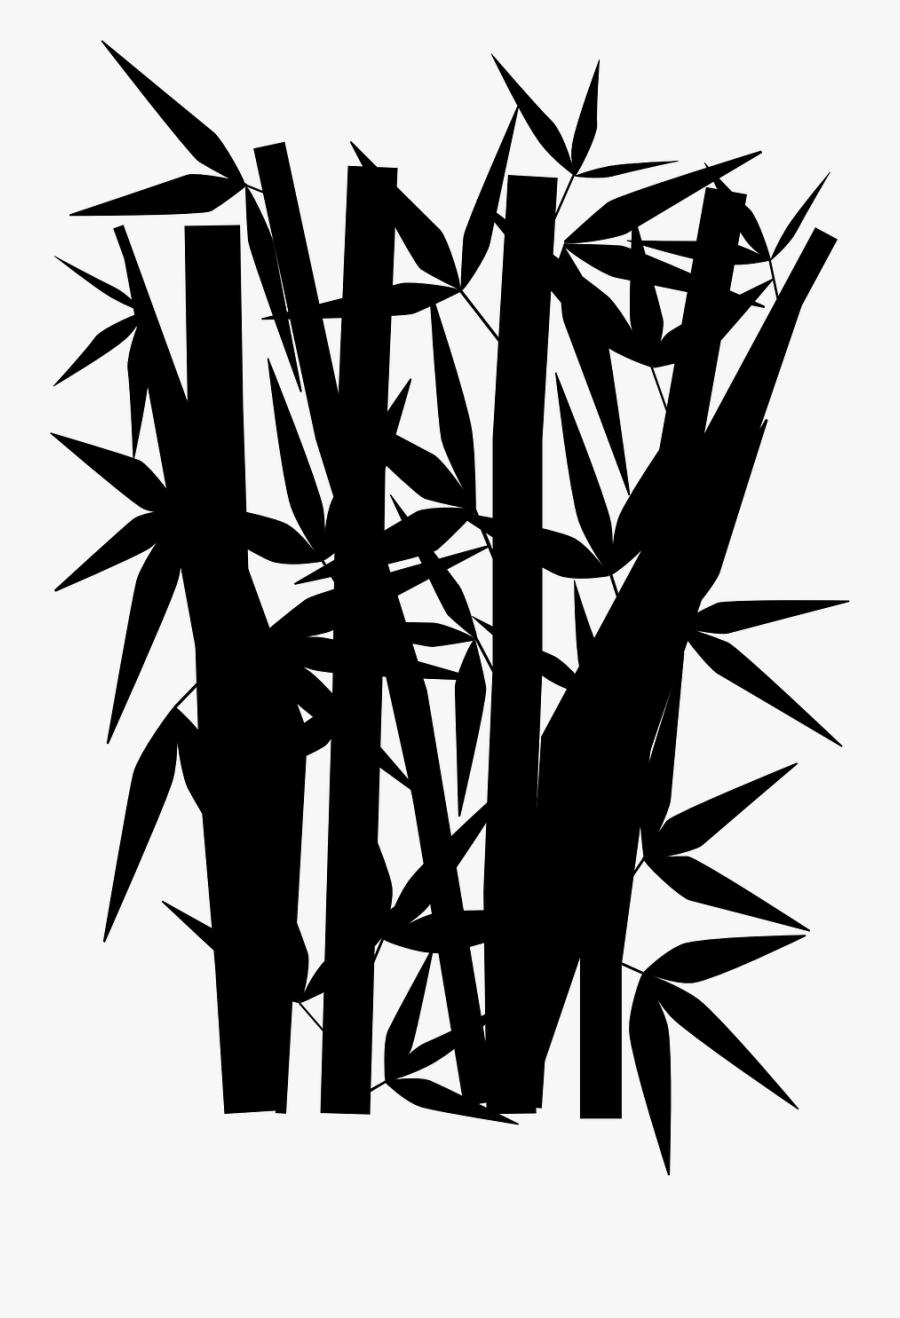 Gambar Animasi Pohon Bambu Free Transparent Clipart